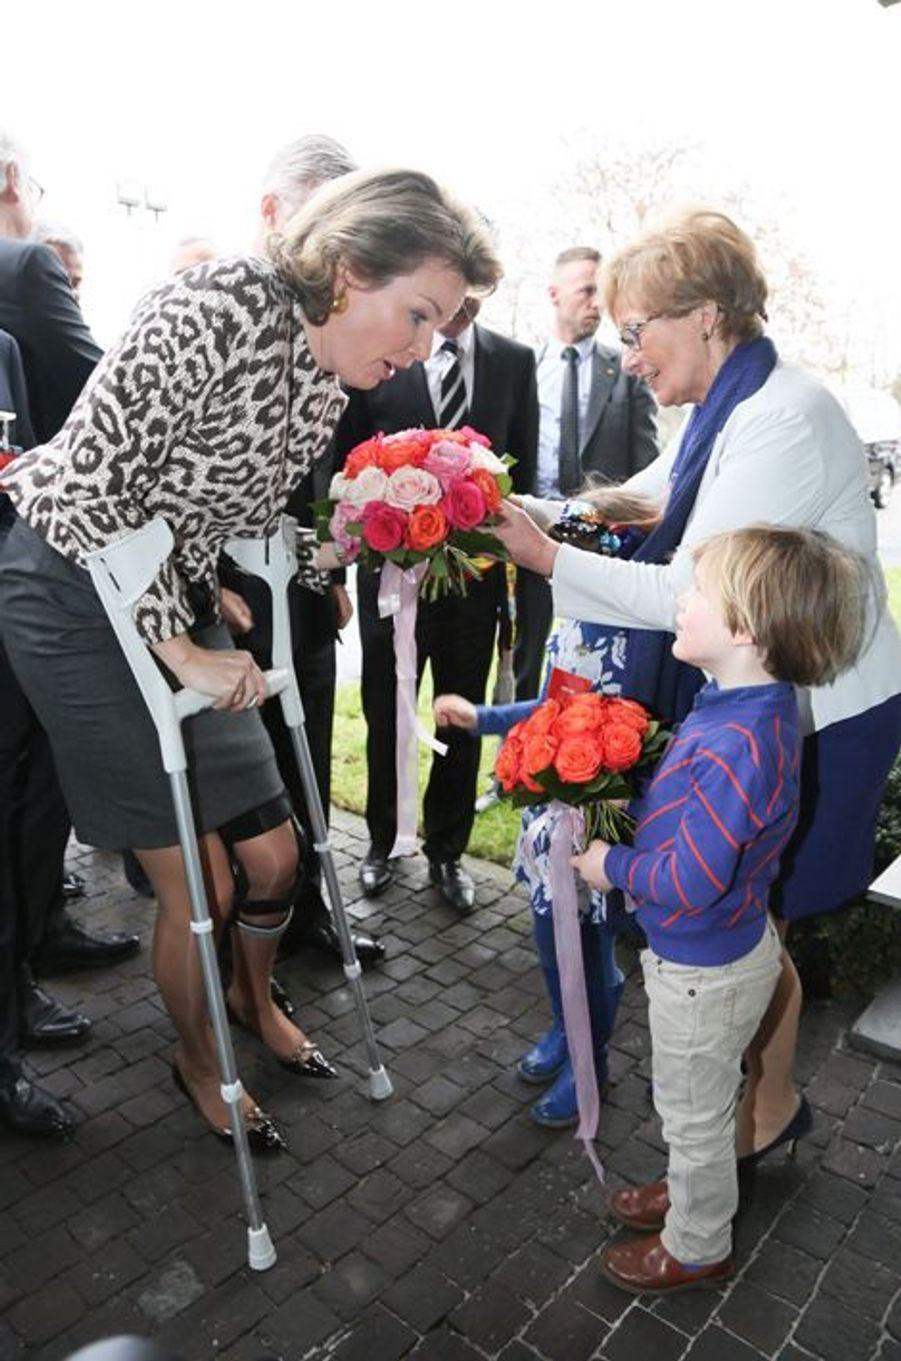 La reine Mathilde de Belgique en visite officielle dans le Brabant flamand, le 26 février 2015